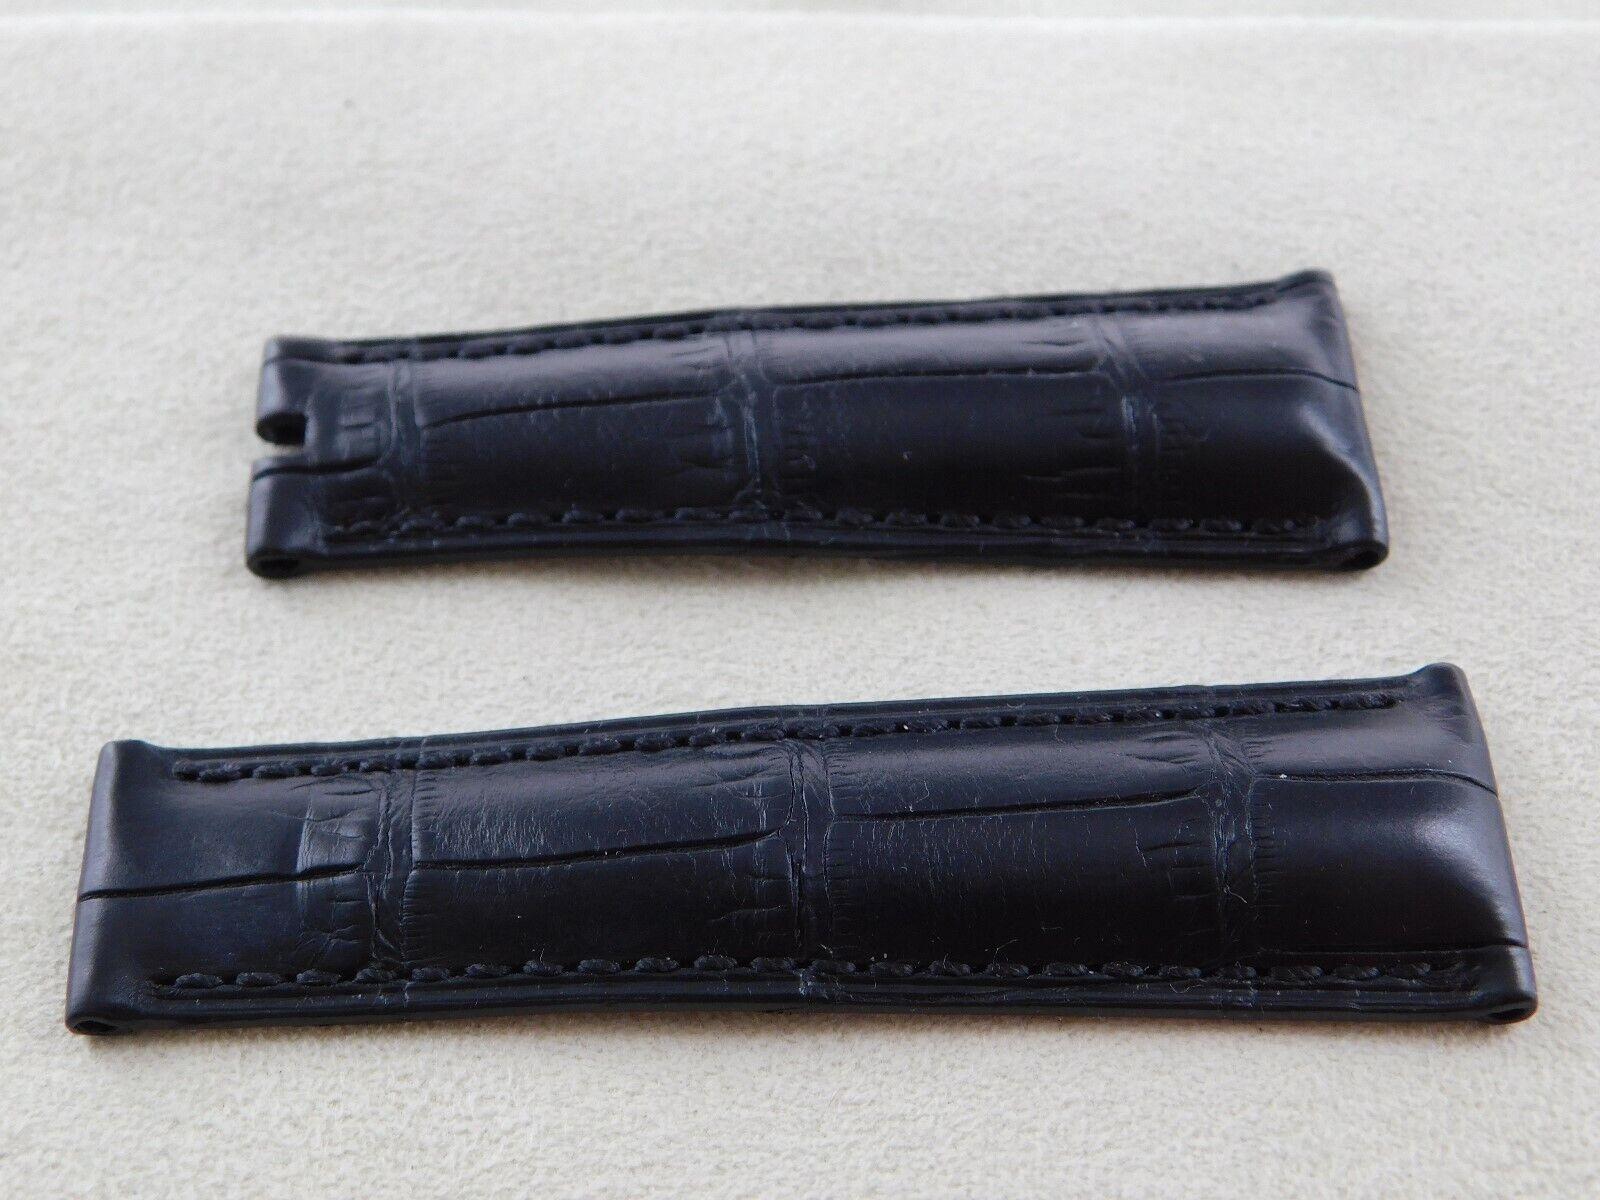 Neuware original Rolex echt Aligator Armband schwarz 20-15,5  für Faltschließe